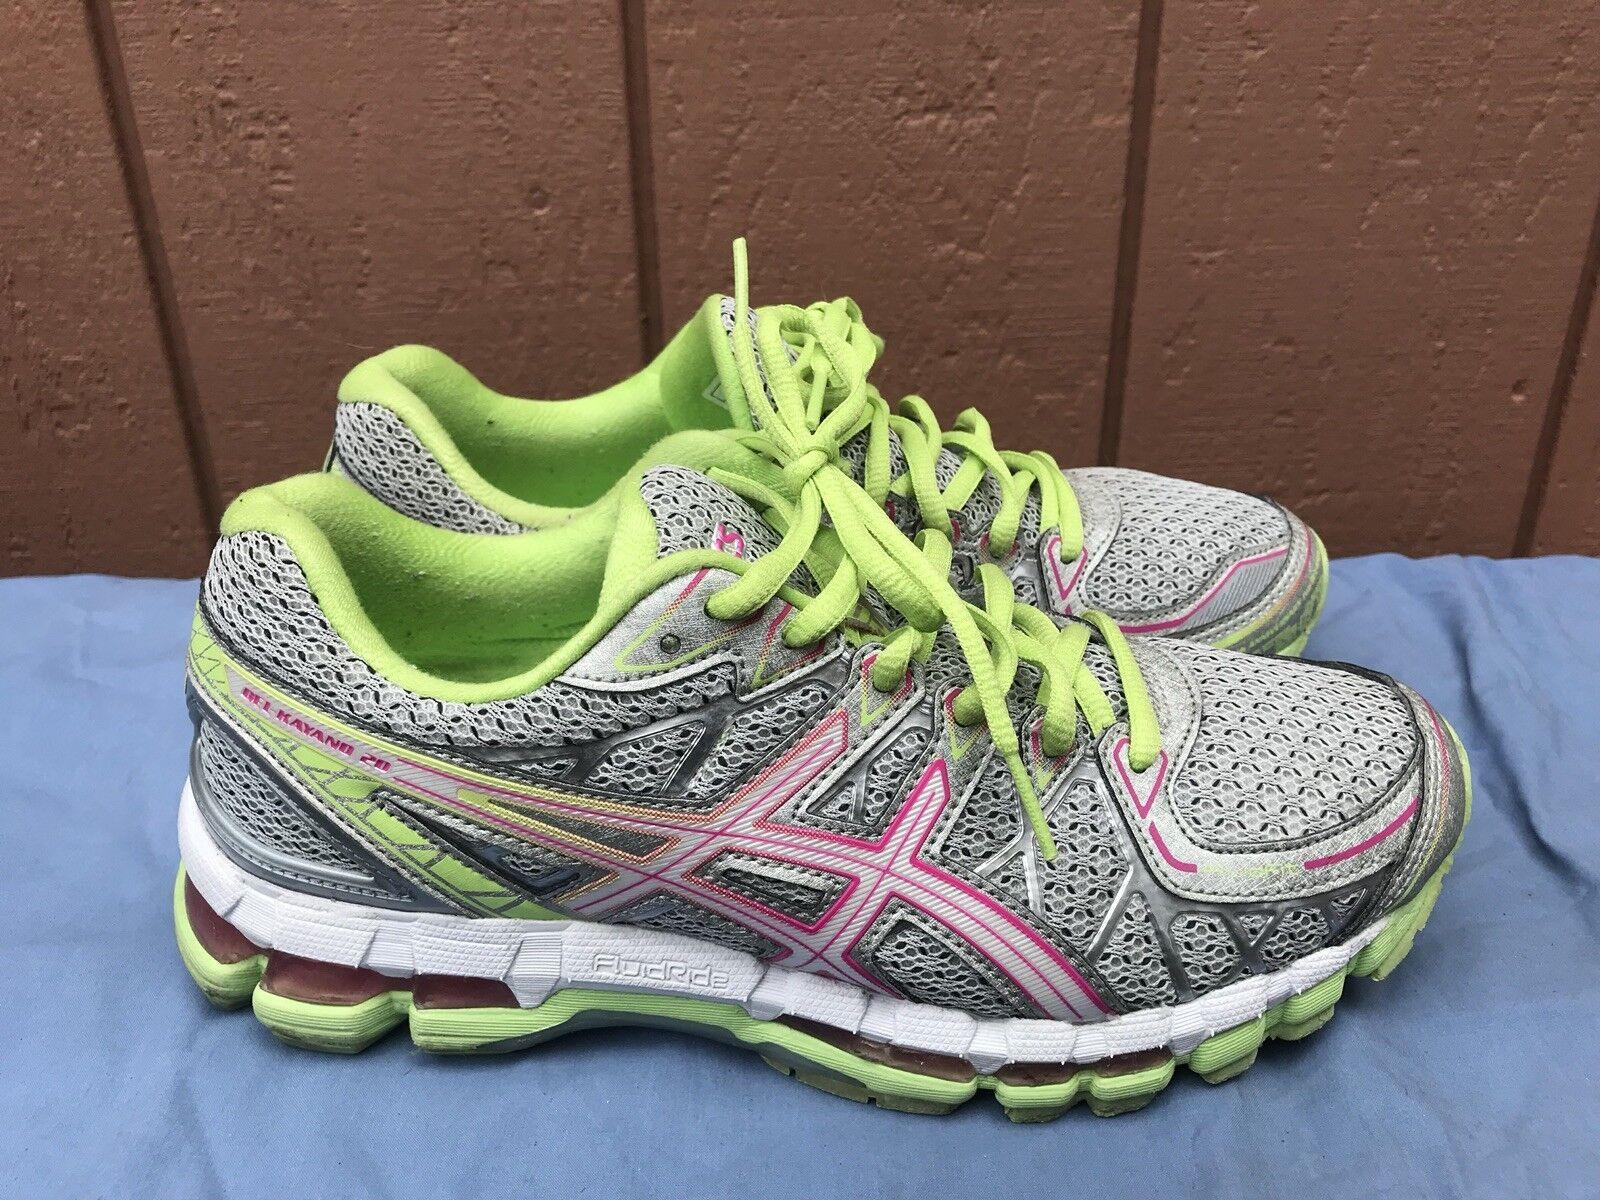 EUC Asics Gel Kayano Kayano Kayano 20 Donna  Dimensione US 8.5 Fluid Ride Running scarpe da ginnastica T3N7Q A5 a9c679